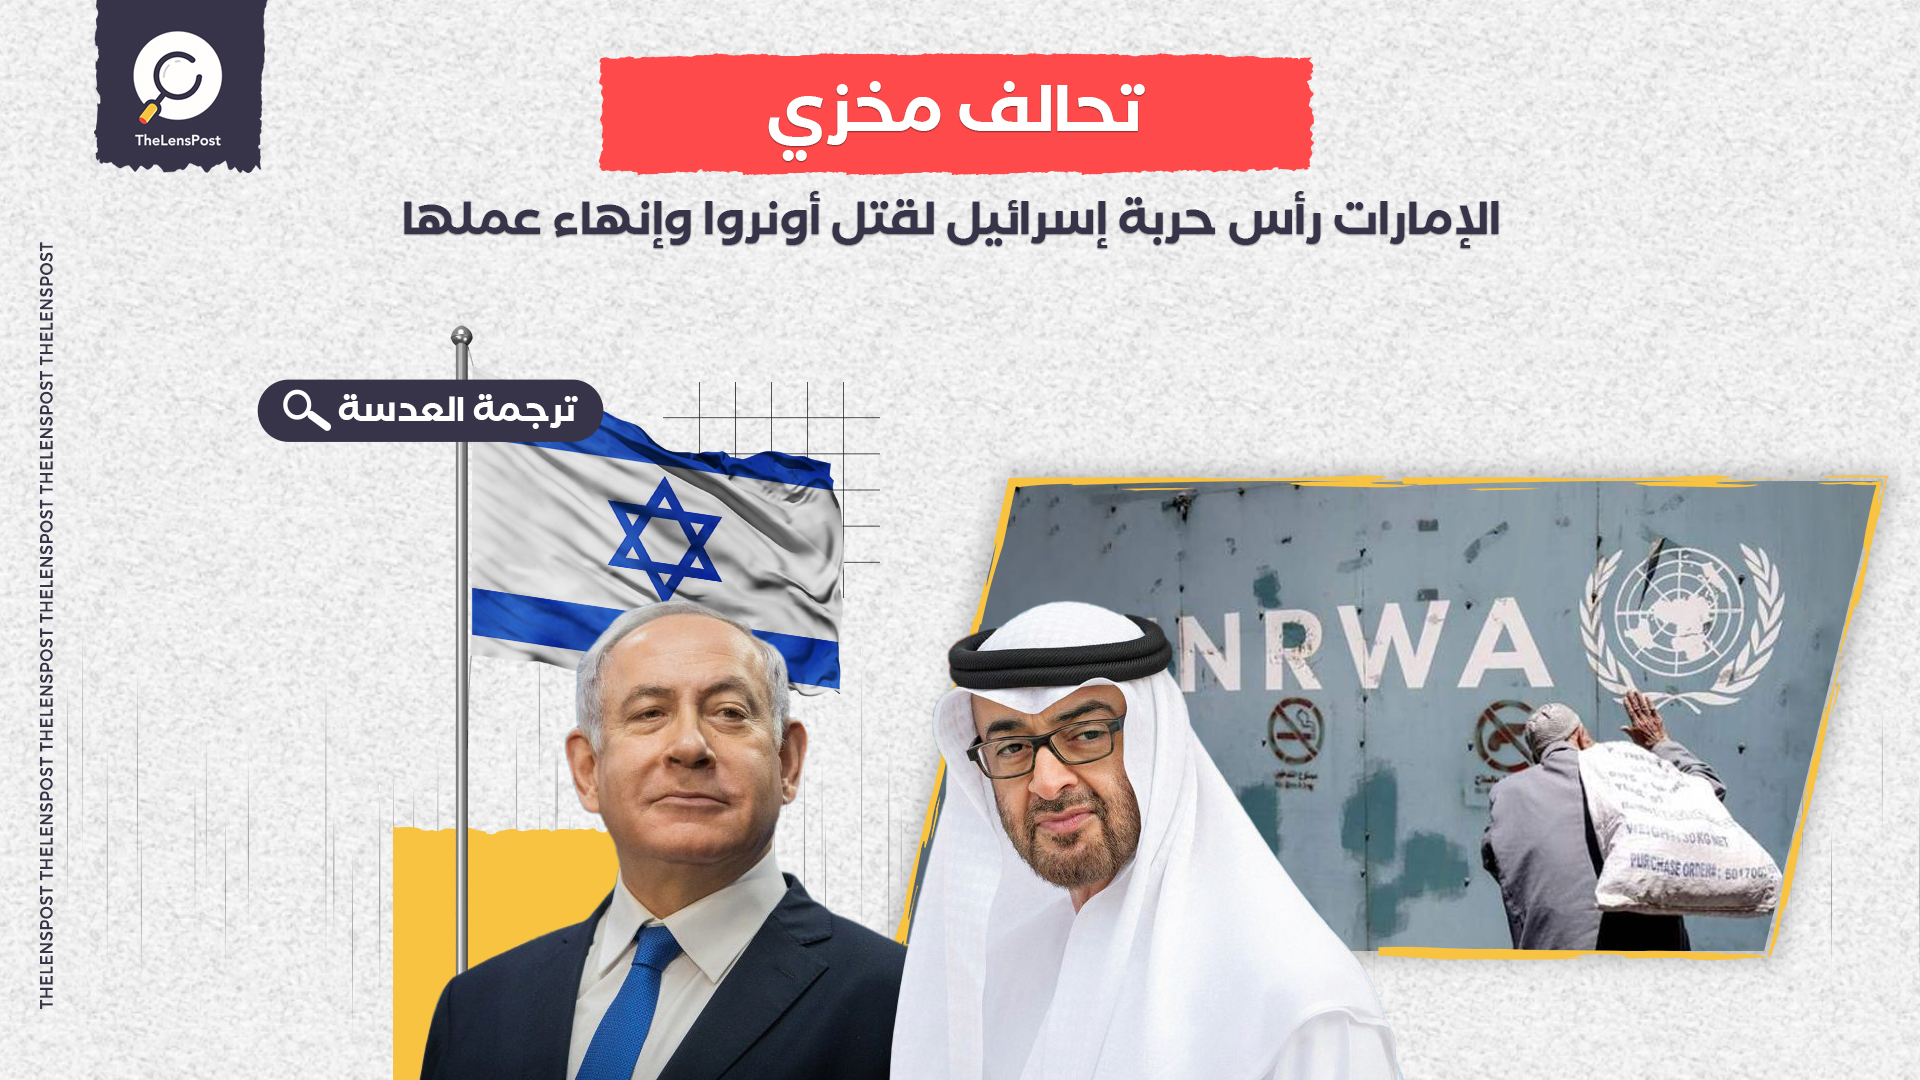 لوموند: الإمارات رأس حربة إسرائيل لقتل أونروا وإنهاء عملها